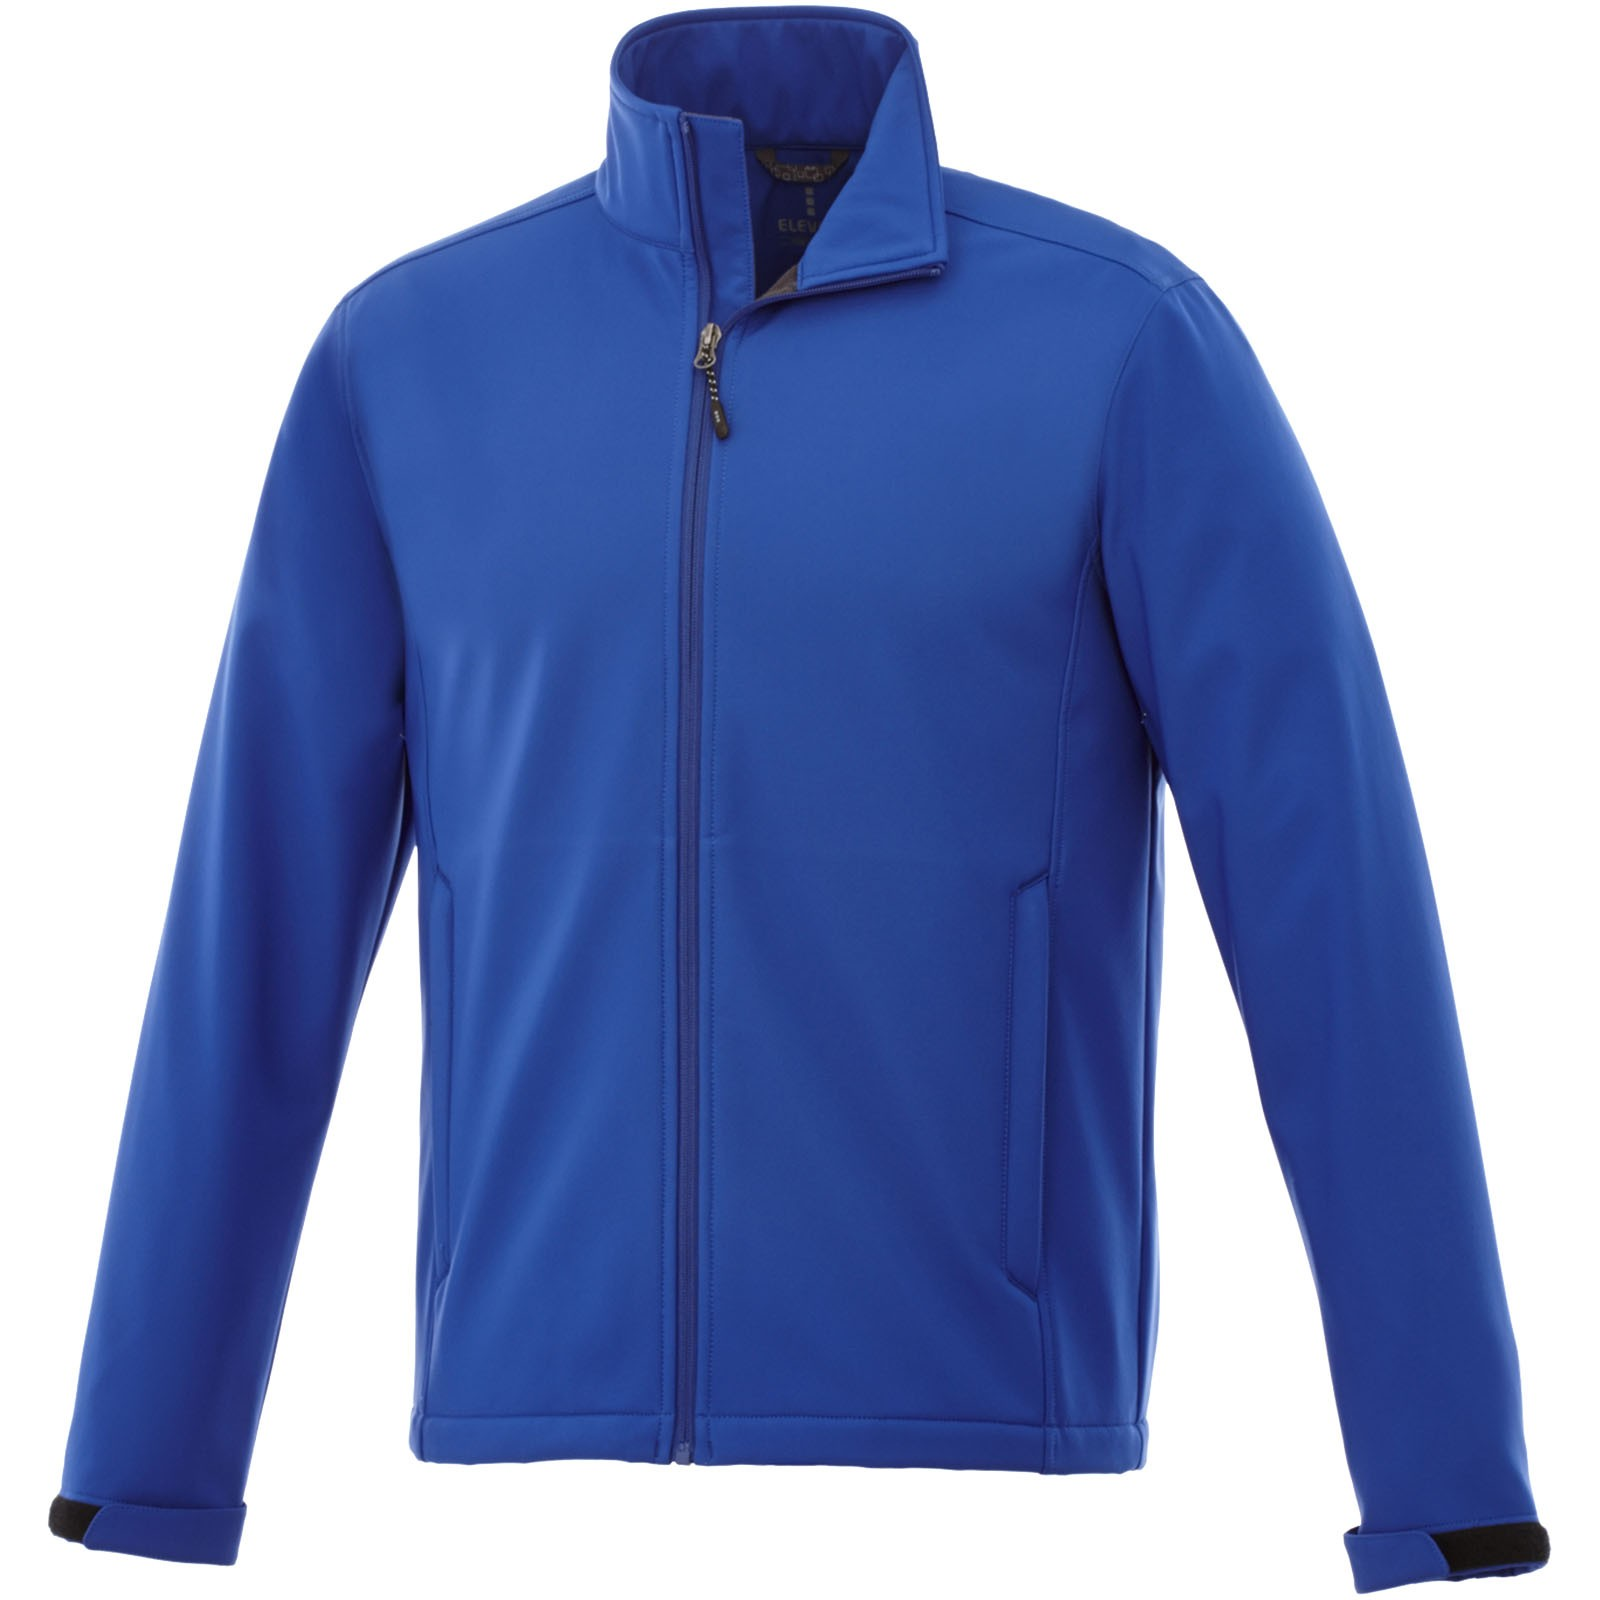 Softshellová bunda Maxson - Klasická královská modrá / XS